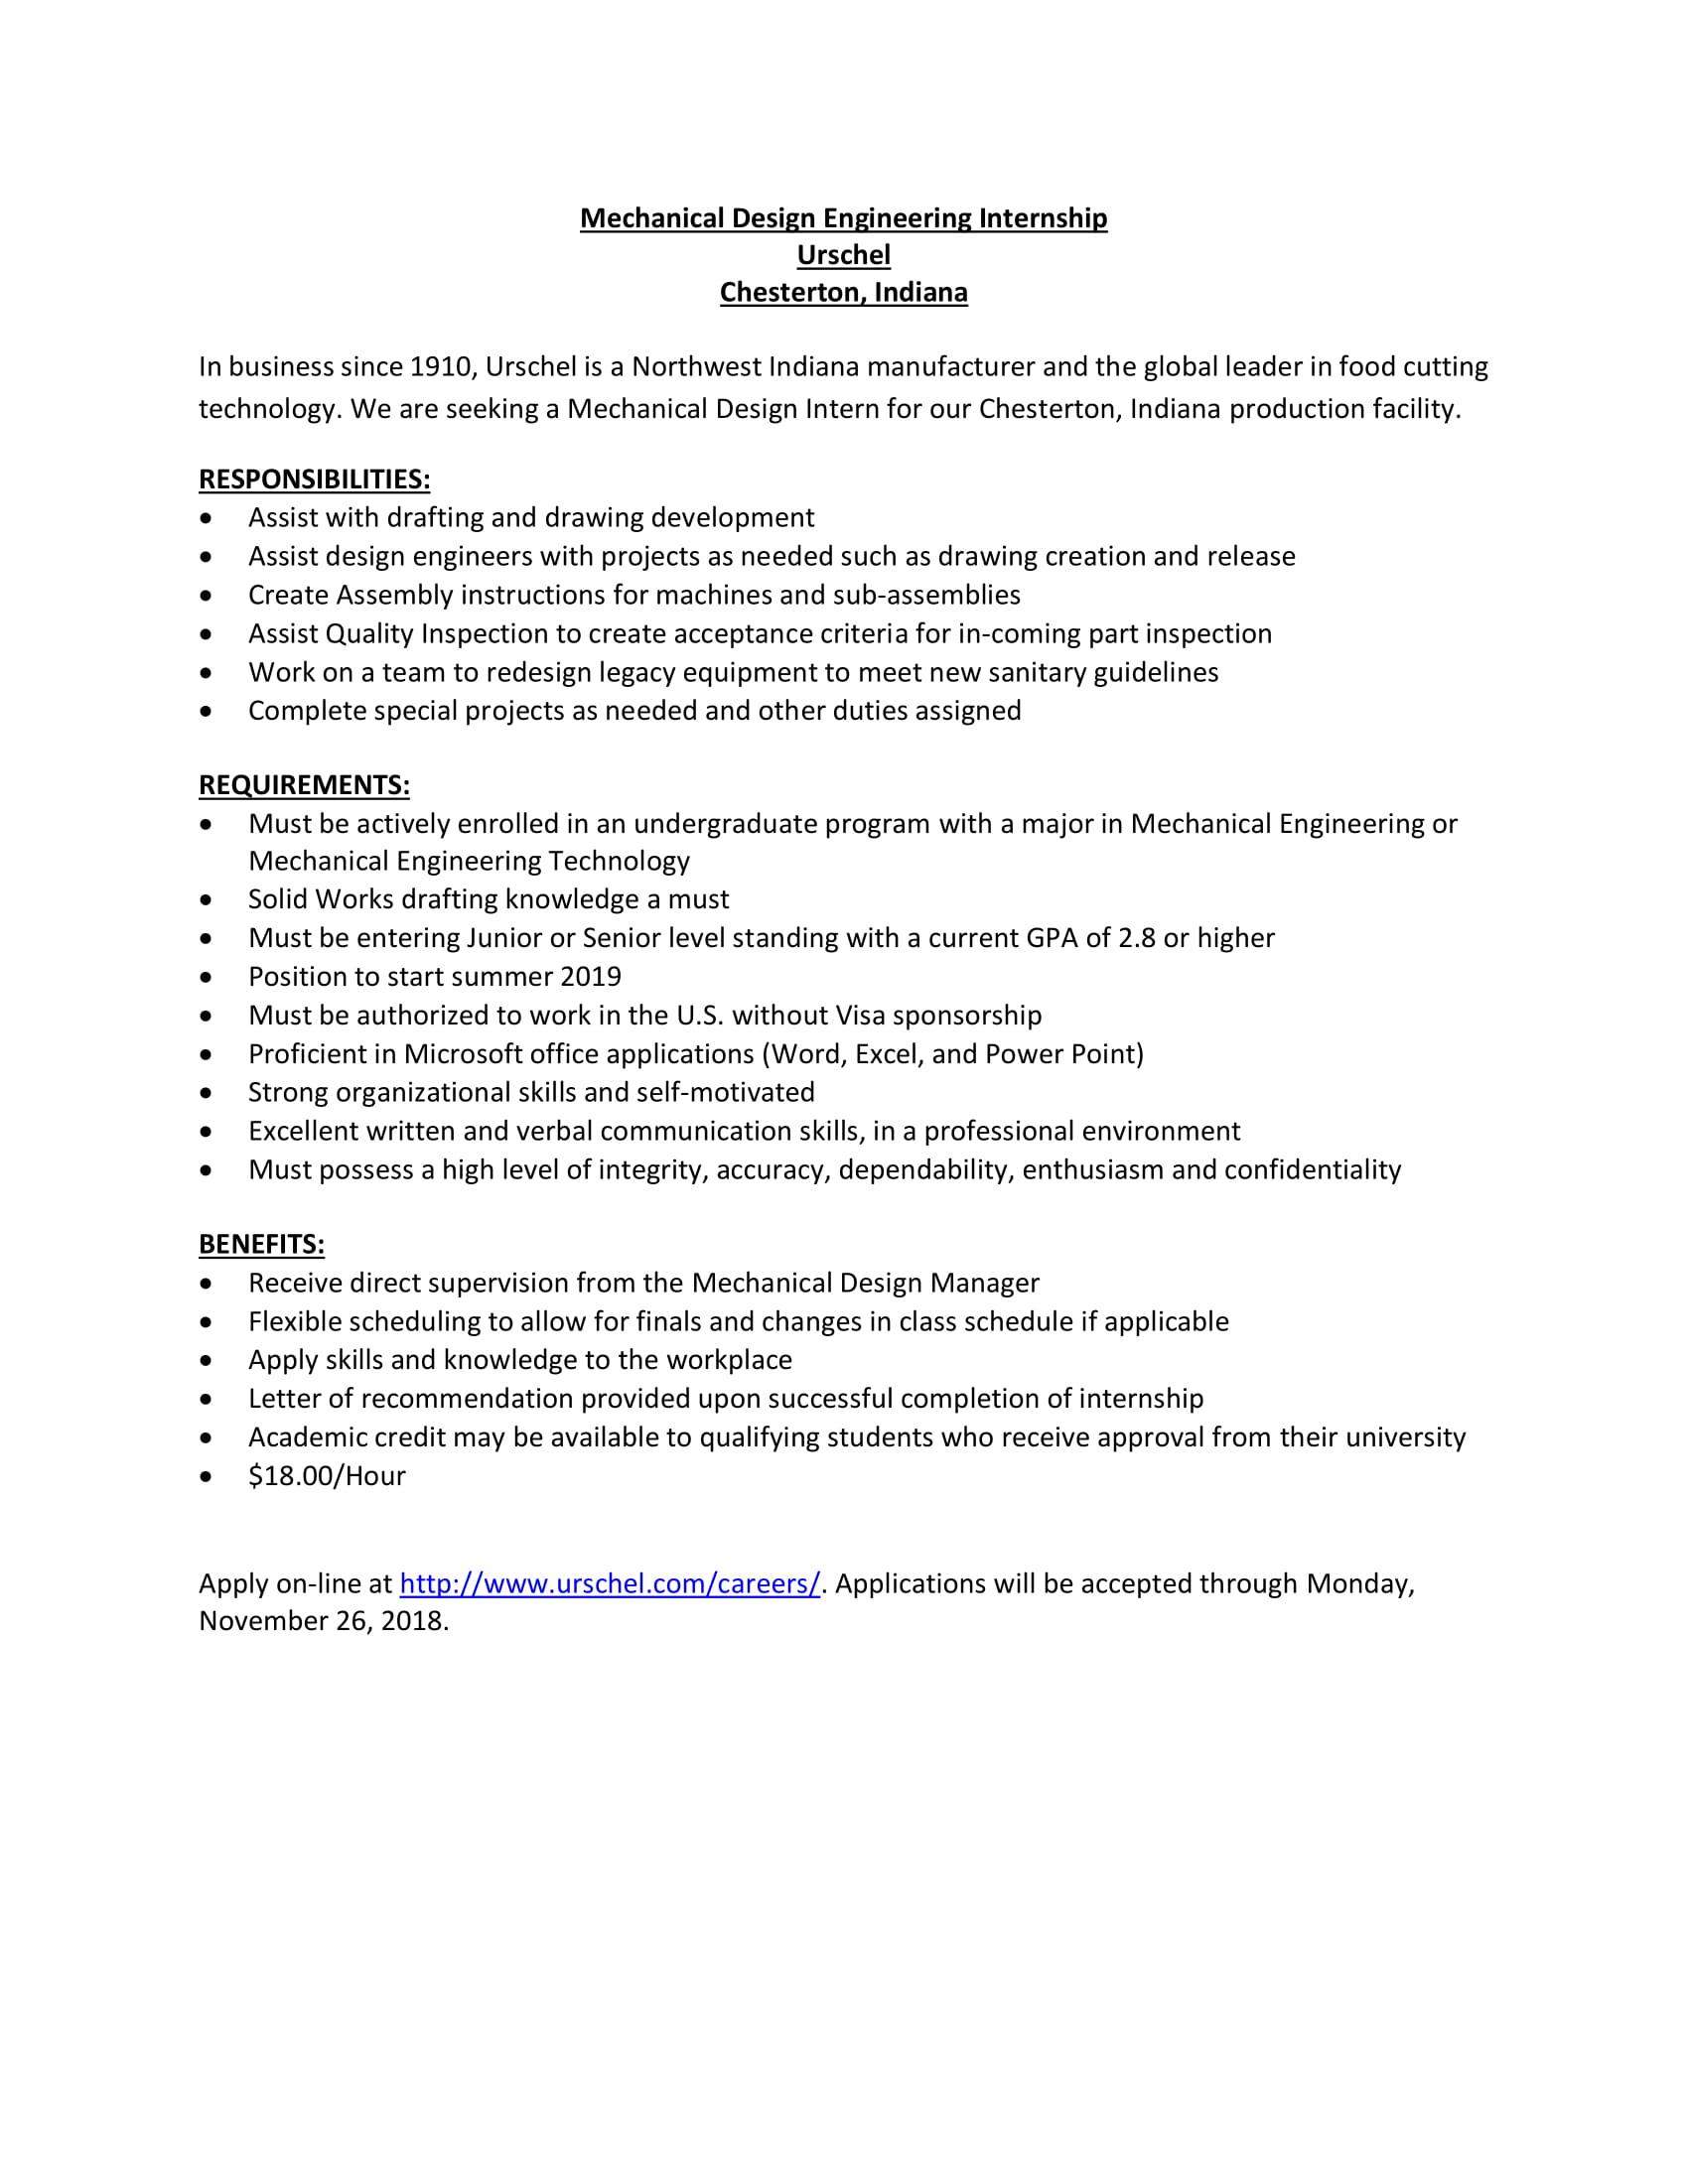 Urschel Design Engineering Internship Apply By 11 26 Undergraduate Blog